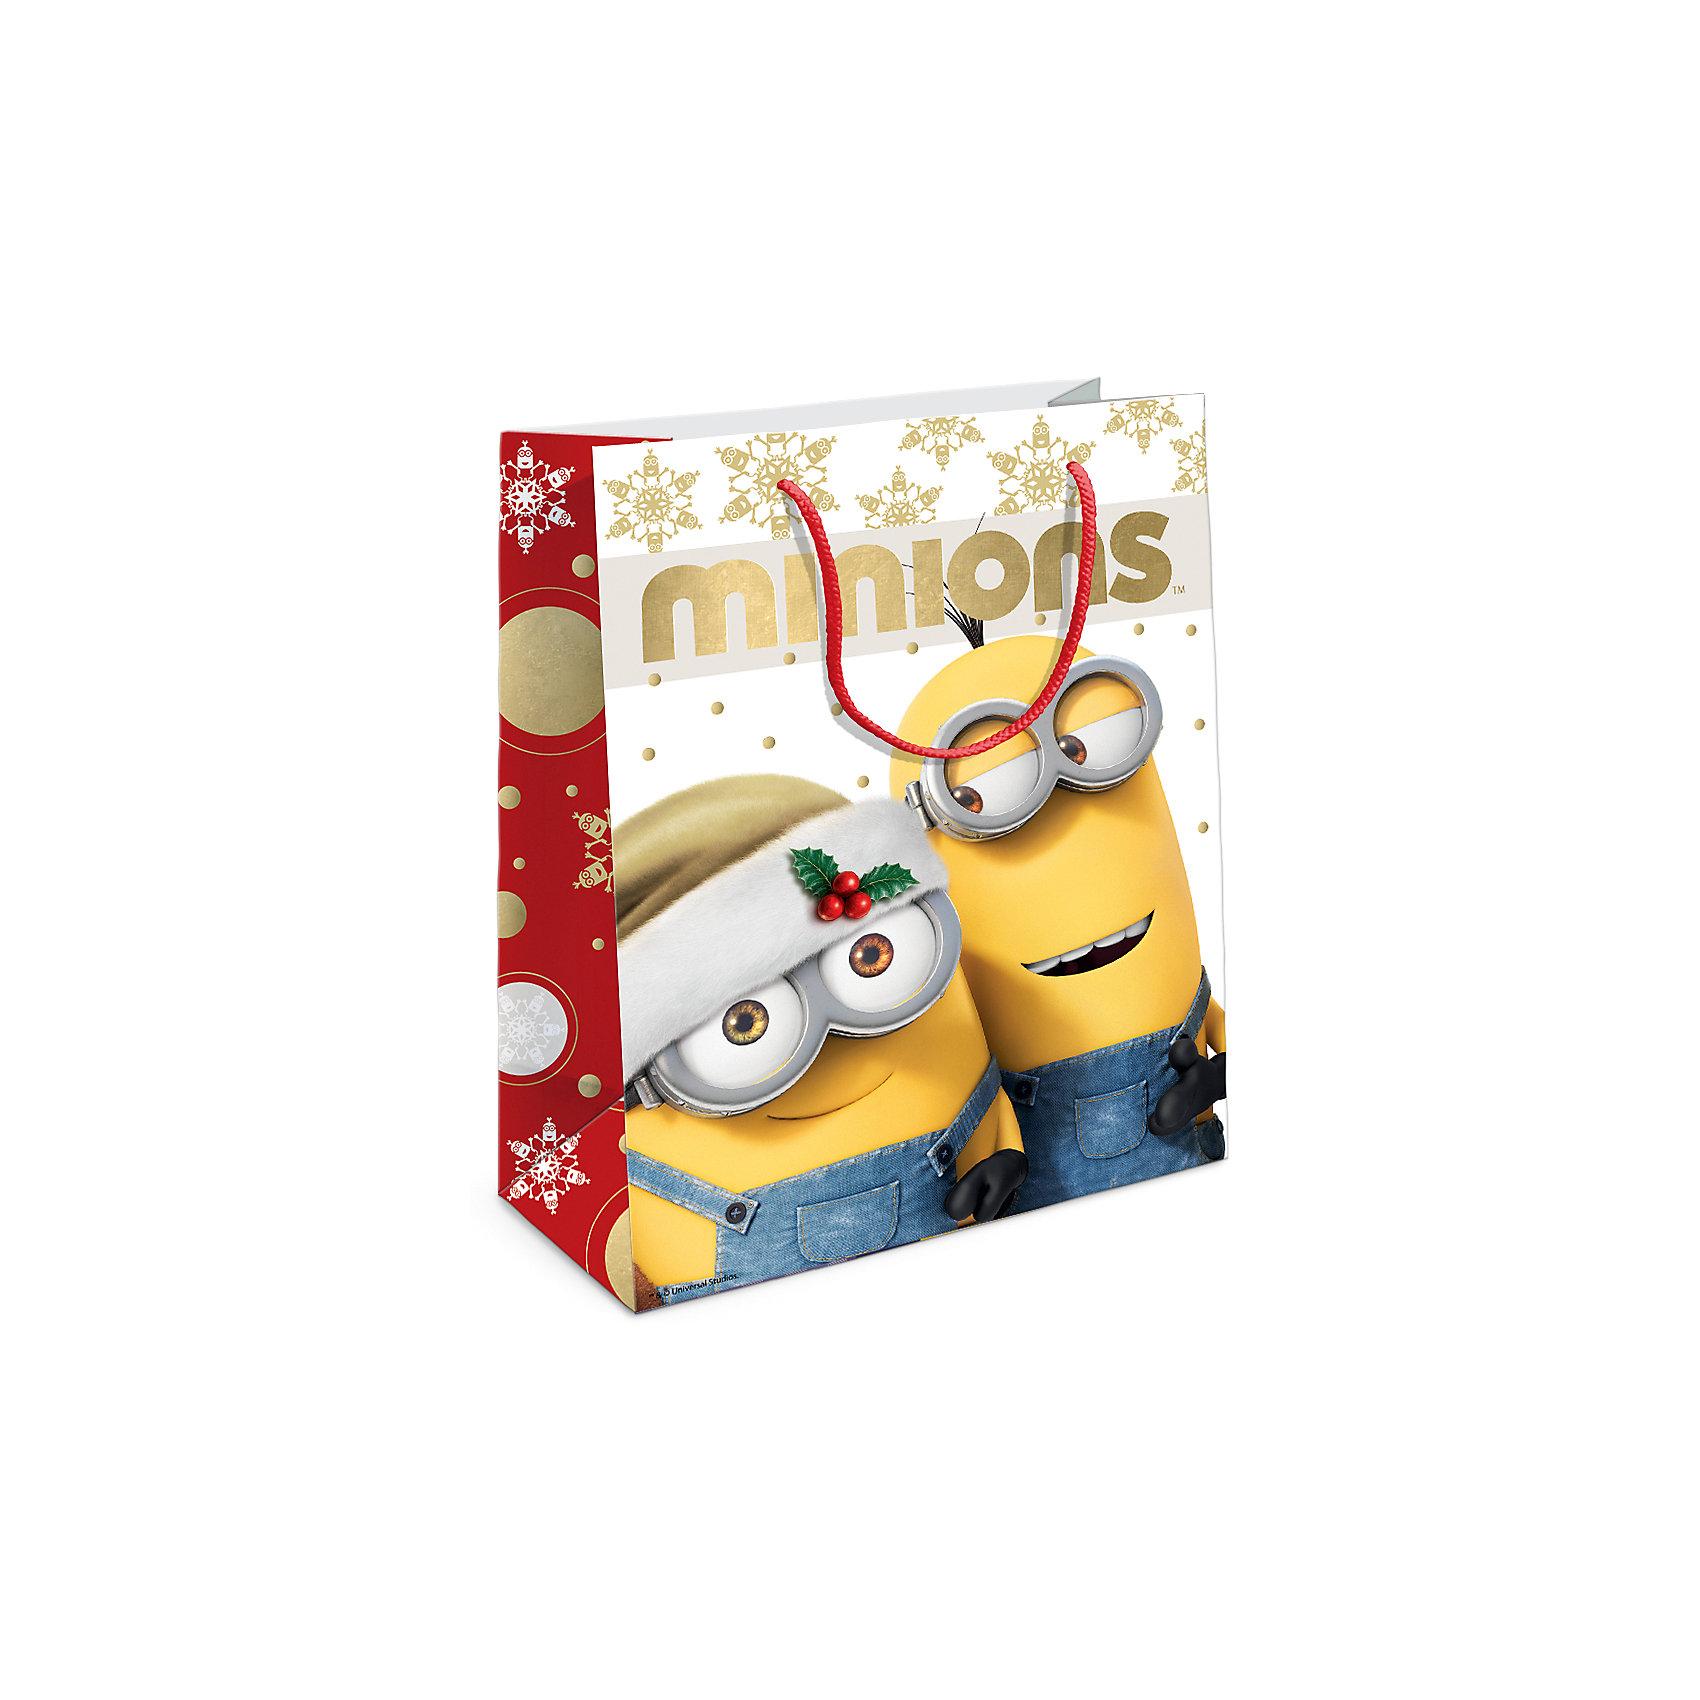 Росмэн Пакет подарочный Рождество Миньонов230*180*100 пакет подарочный росмэн тираннозавр рекс 230 180 100мм